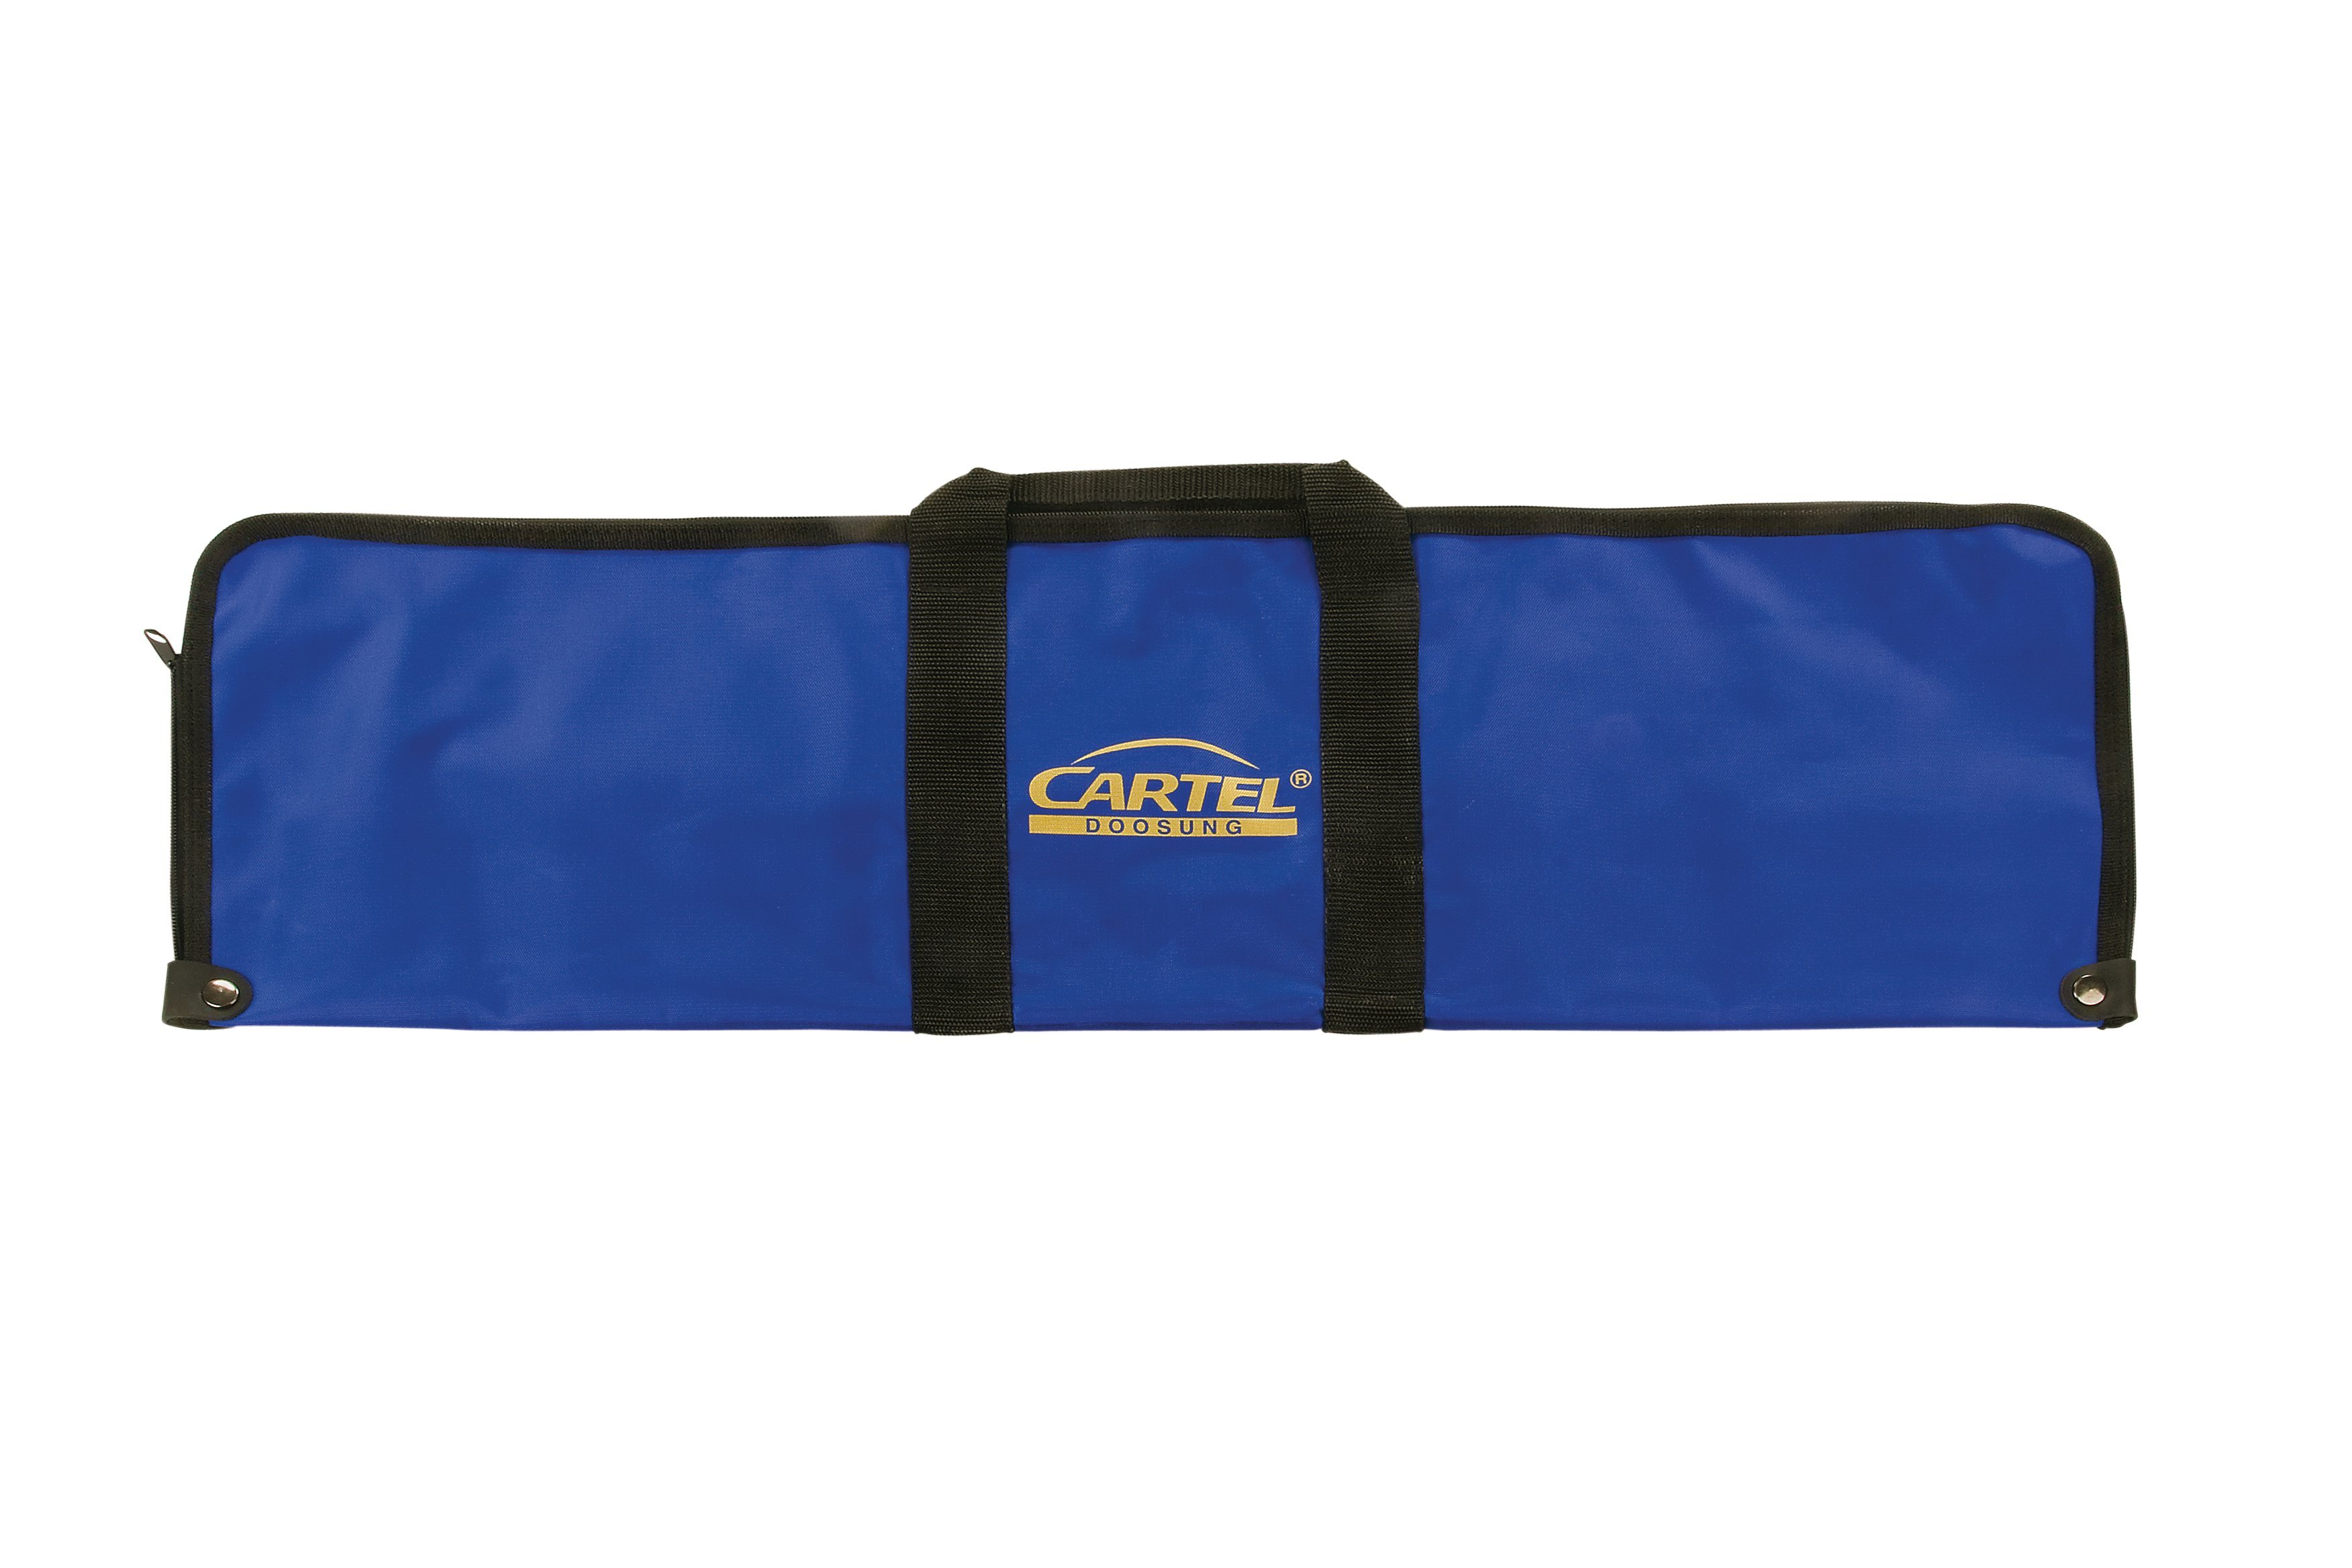 Cartel Pro-Gold 704 Bogentasche - Blau